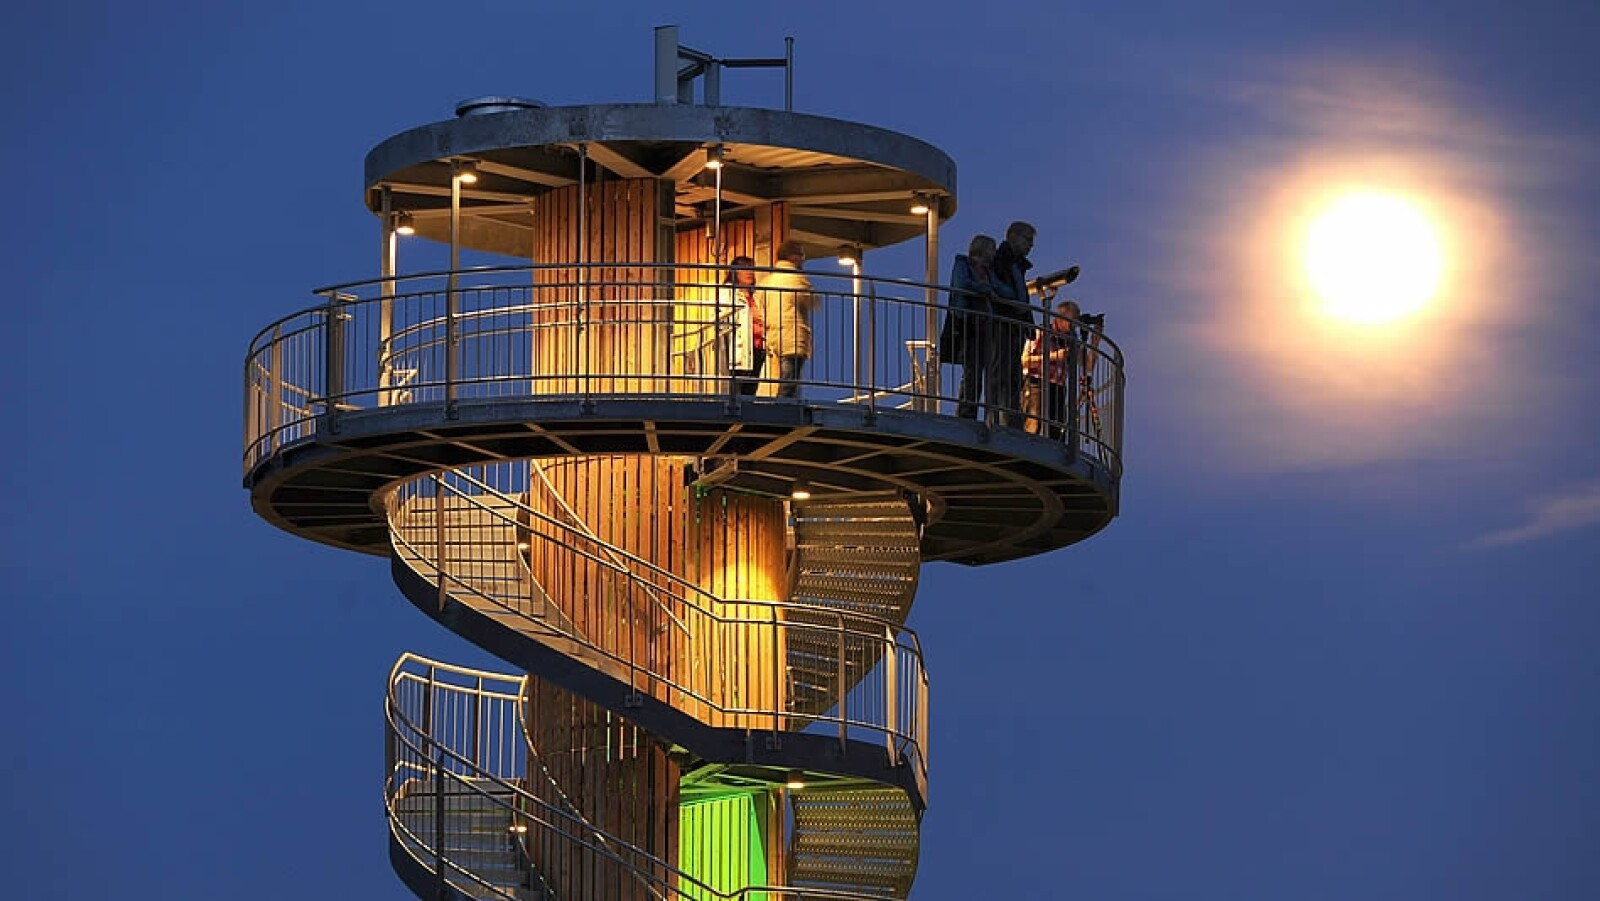 Visitantes Bad Zwischenahn Alemania super luna